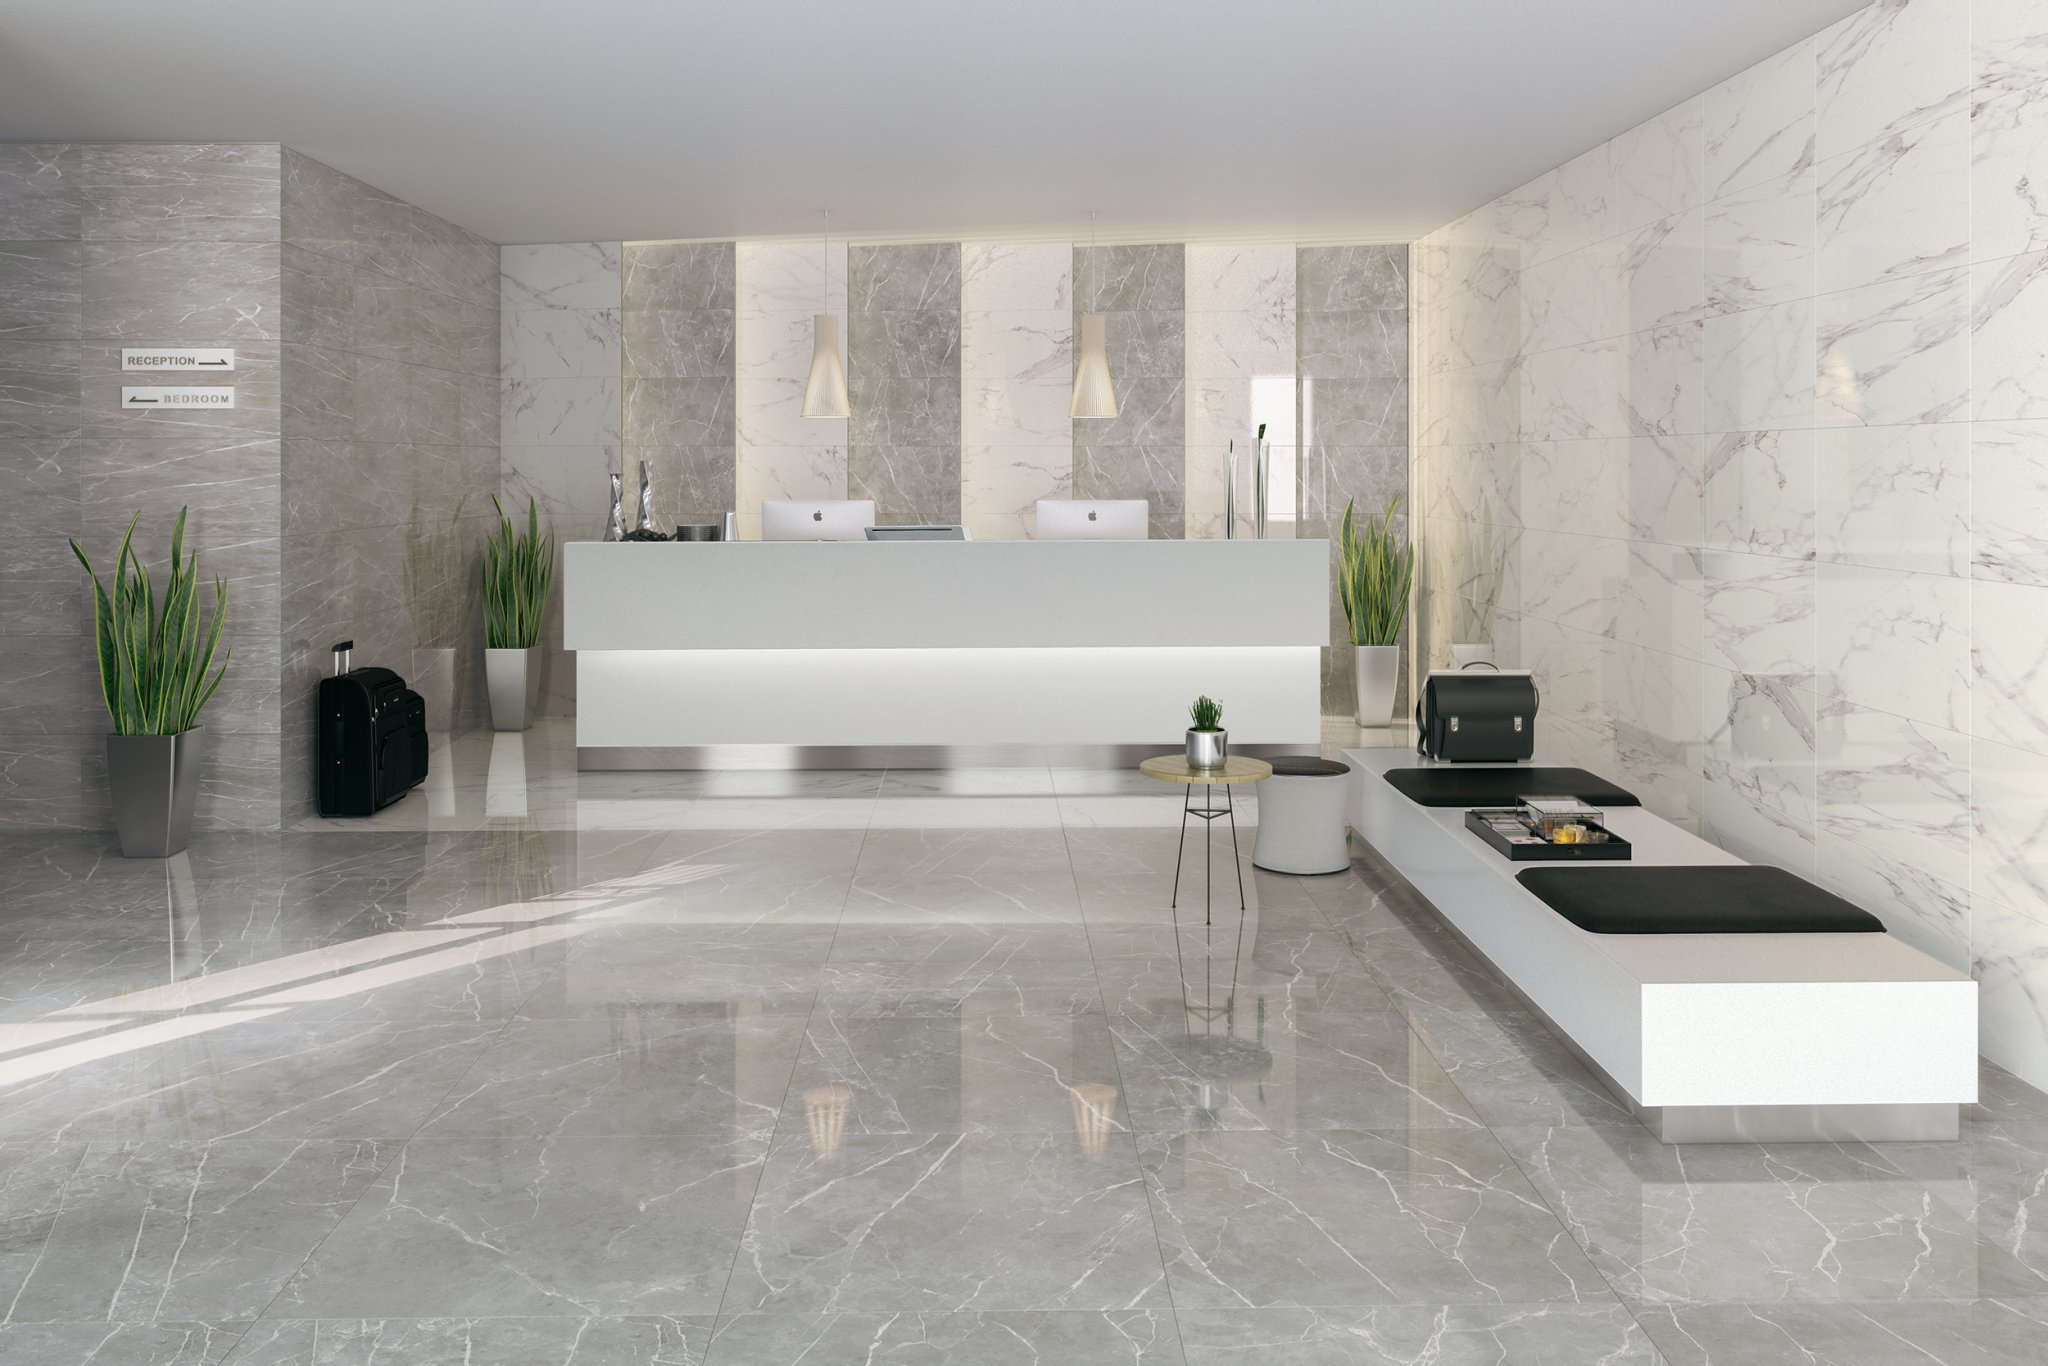 Serie selection pavimenti e rivestimenti armonie ceramiche - Pavimenti piastrelle prezzi ...